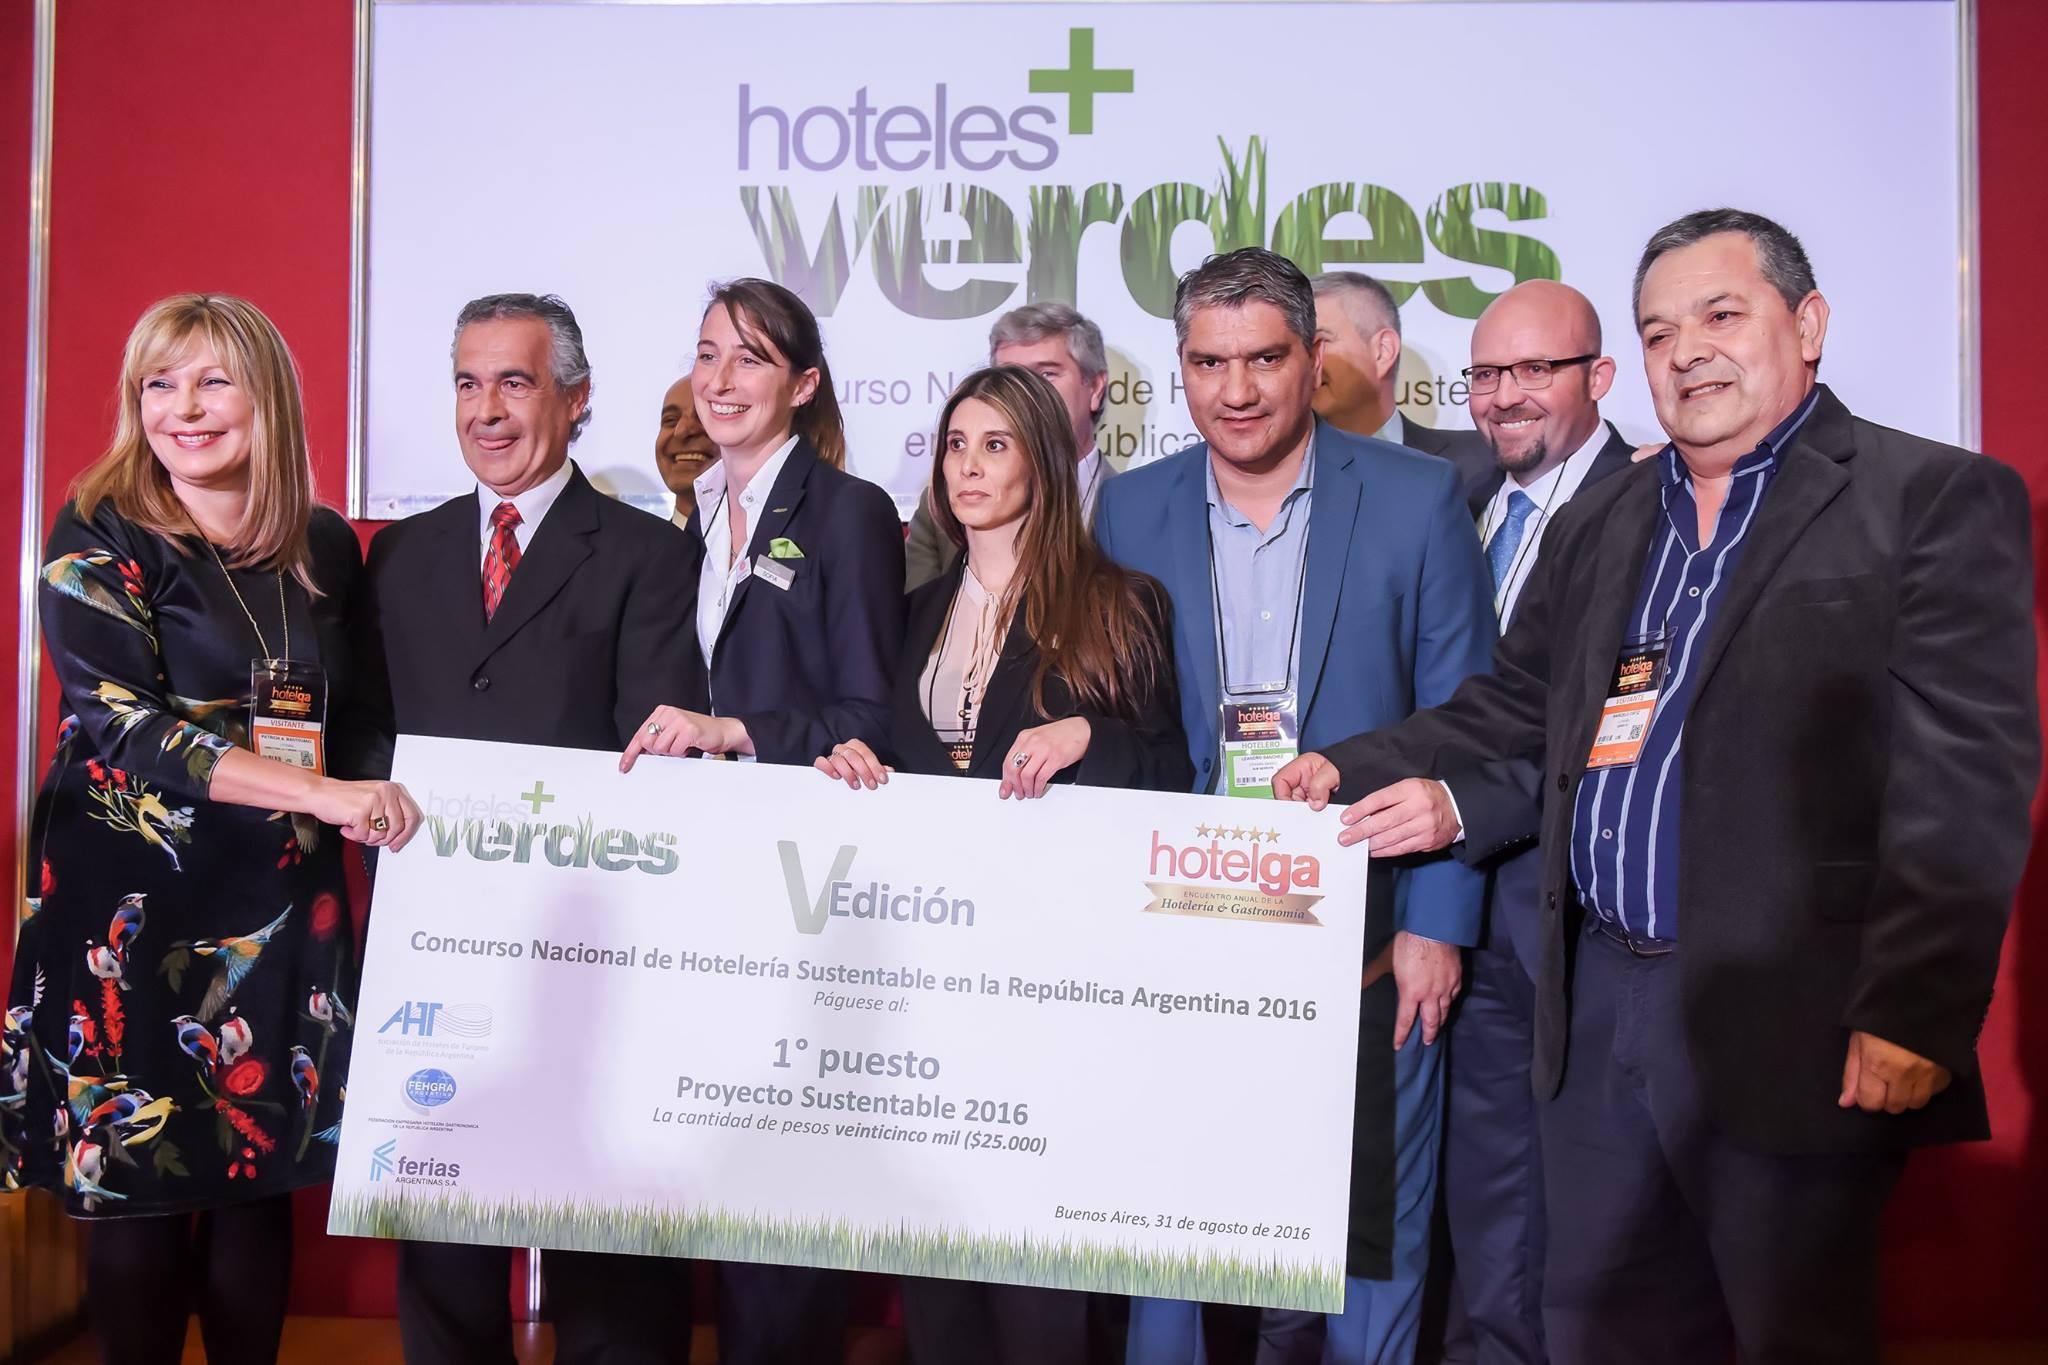 1º Premio Concurso Proyecto Sustentable - Hotelga 2016-9